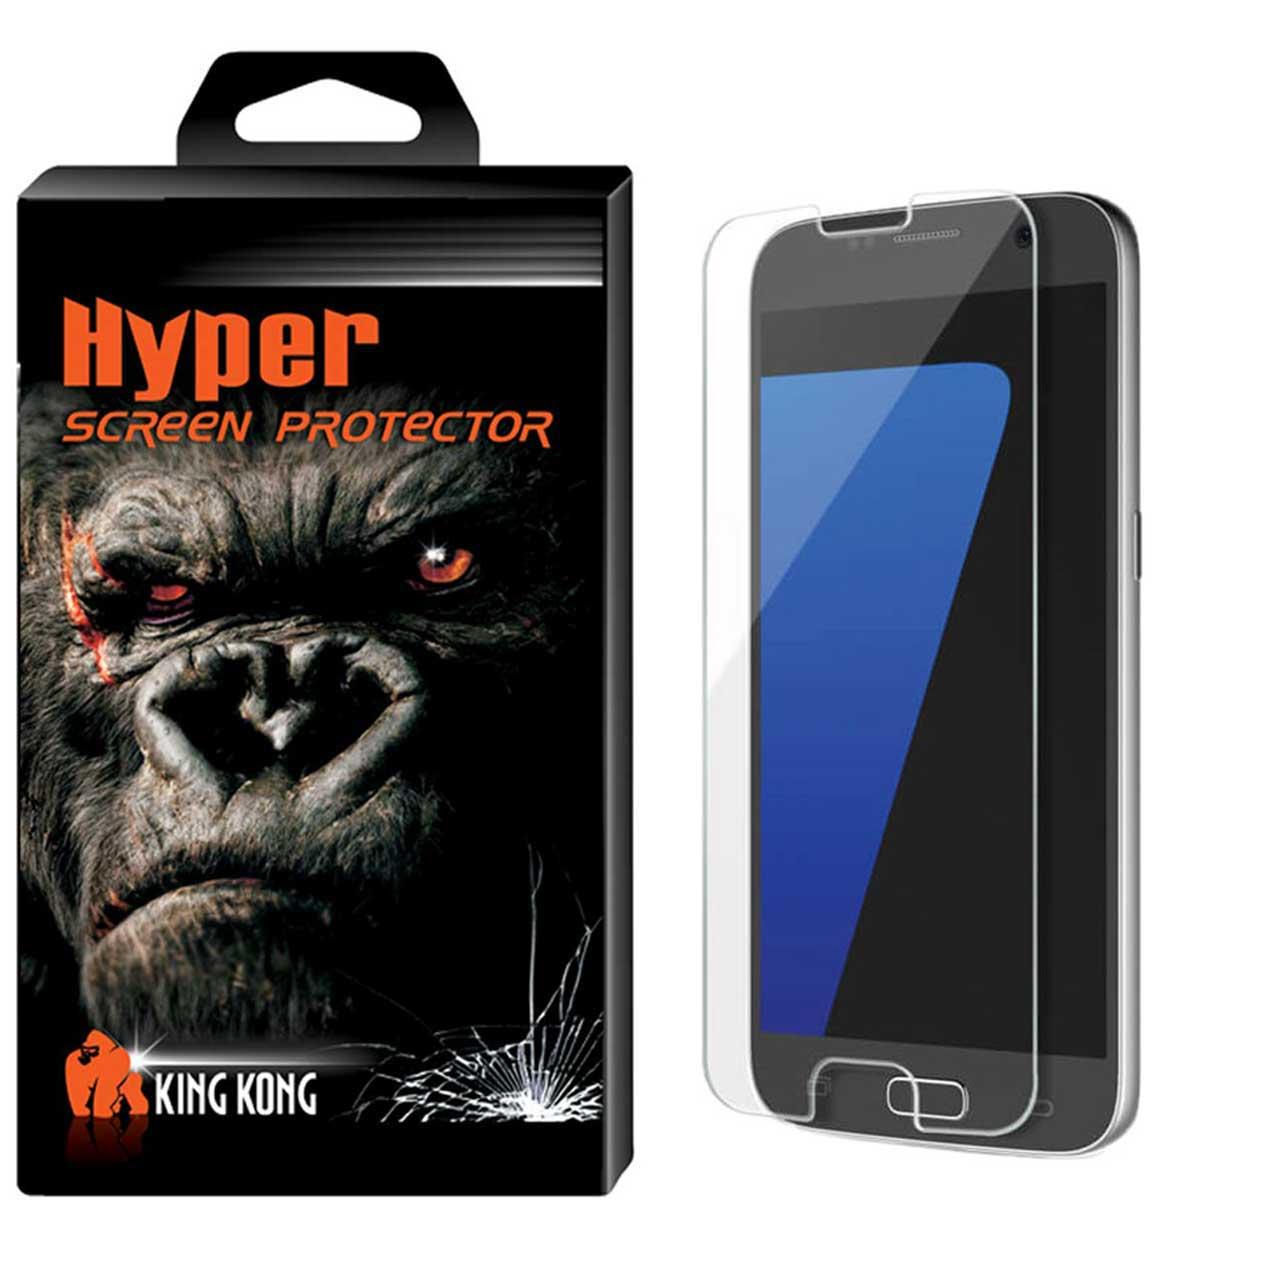 محافظ صفحه نمایش شیشه ای کینگ کونگ مدل Hyper Protector مناسب برای گوشی سامسونگ گلکسی S7